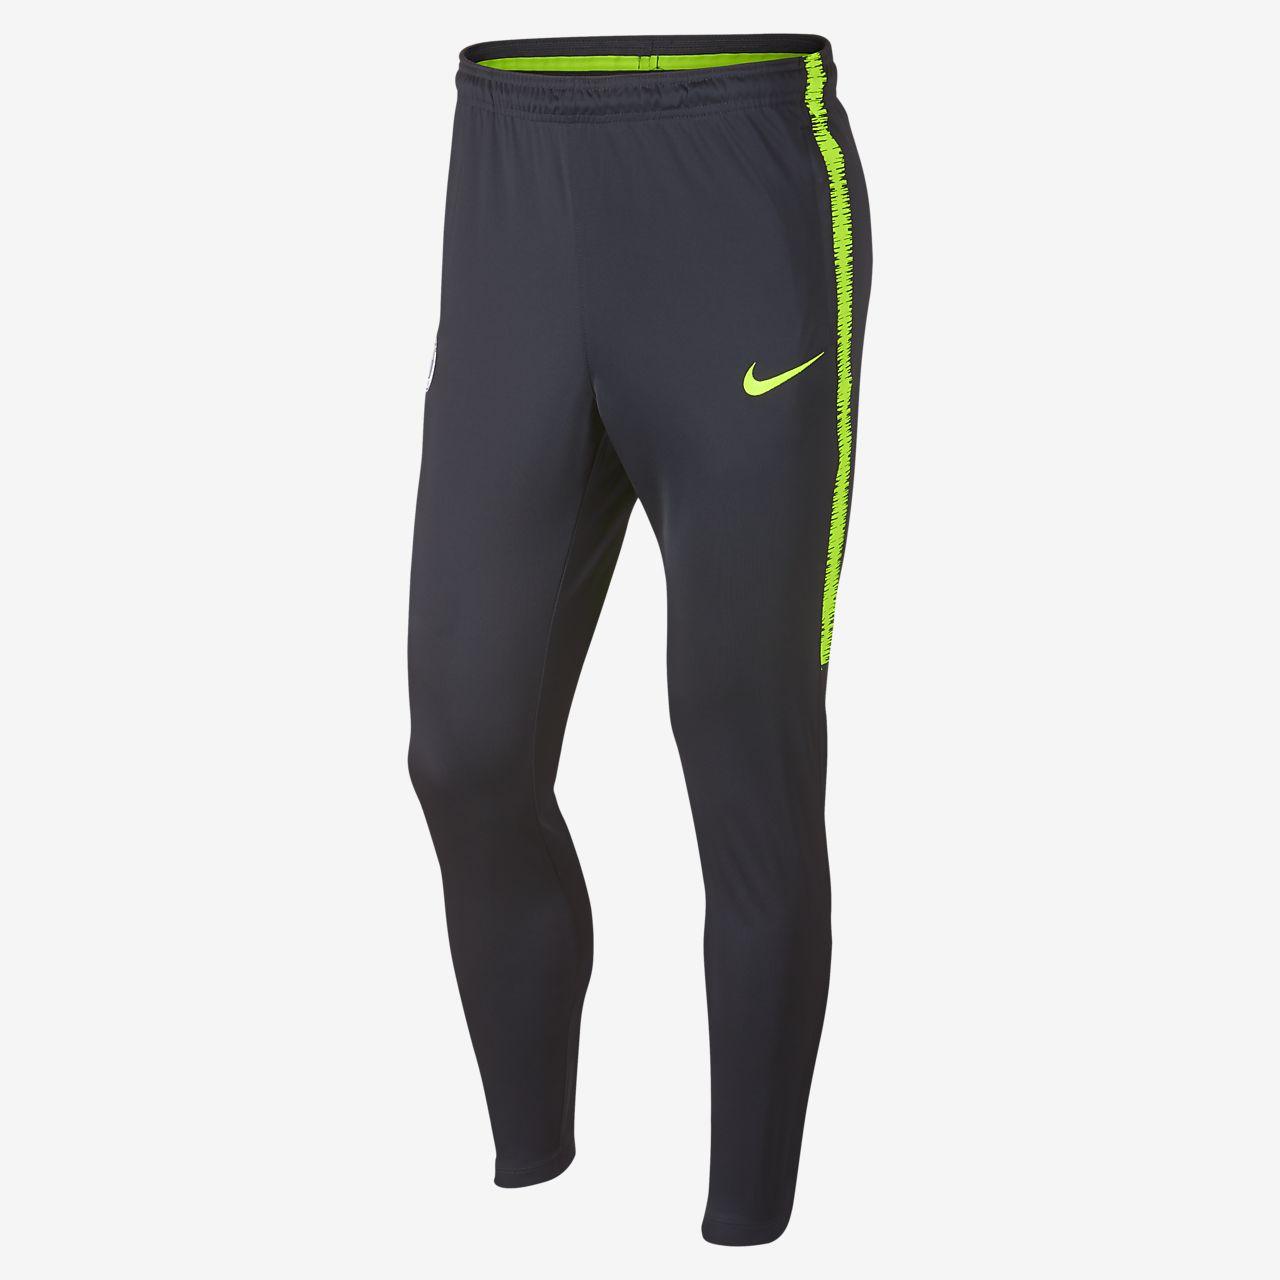 Survetement Nike Nike Nike Survetement Nike Football Survetement Survetement Football Football byv6Y7gf